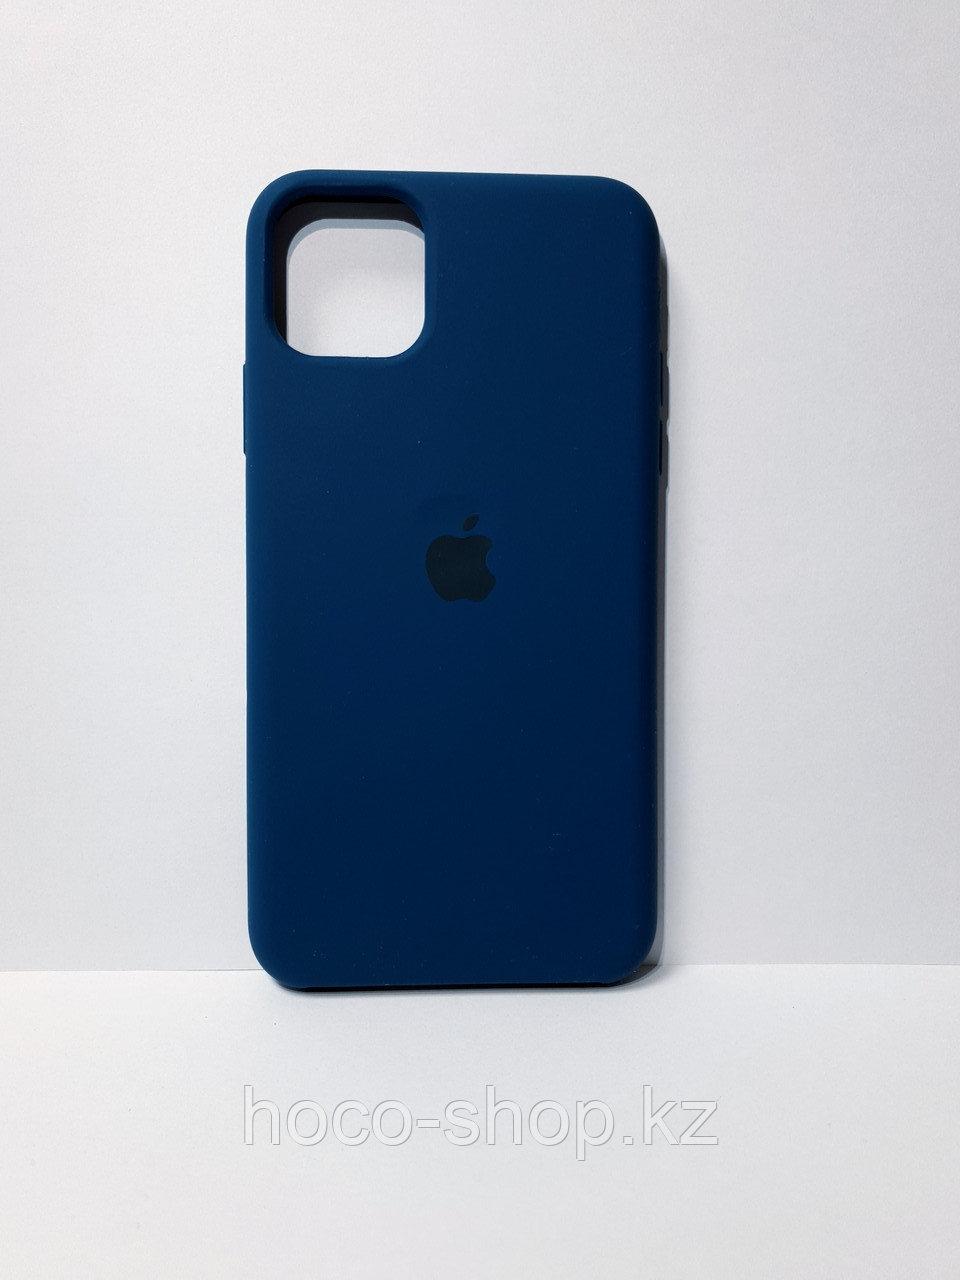 Защитный чехол для iPhone 11 Pro Max Soft Touch силиконовый, синий